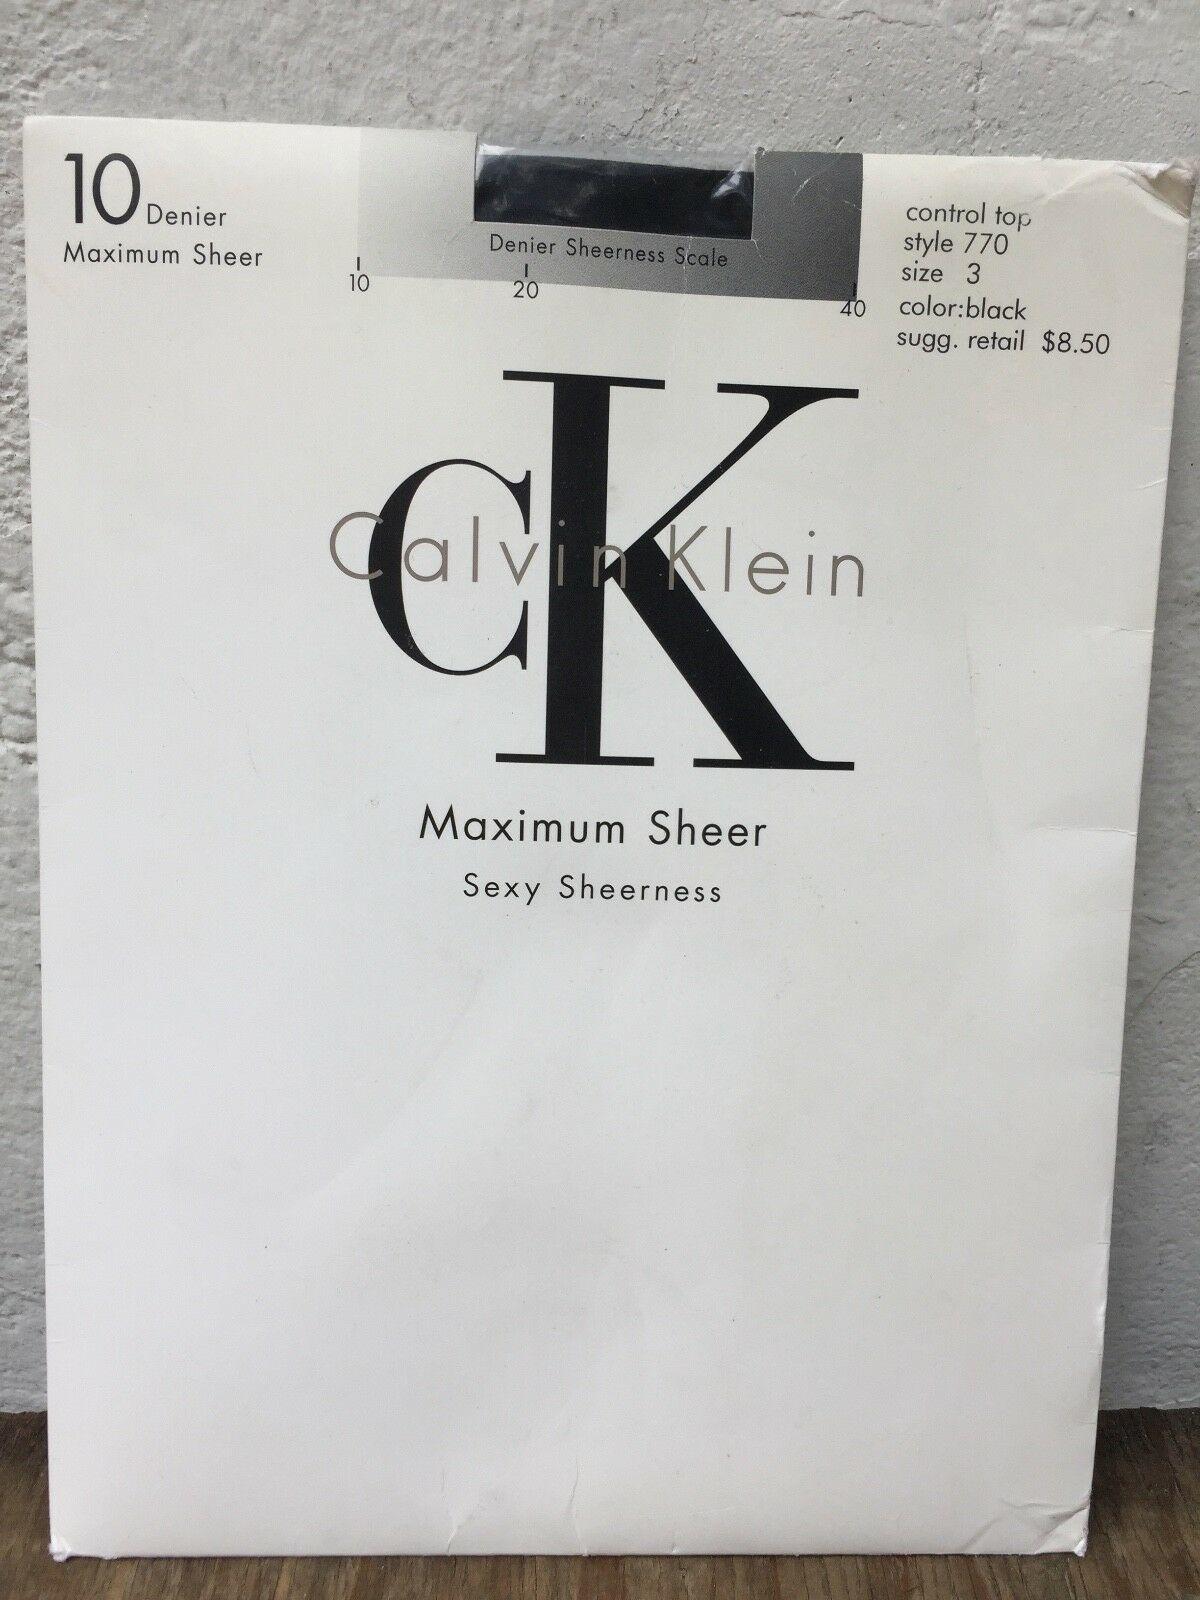 Vtg Calvin Klein 10 Denier Maximum Sheer Control Top Pantyhose Black Sz 3 770